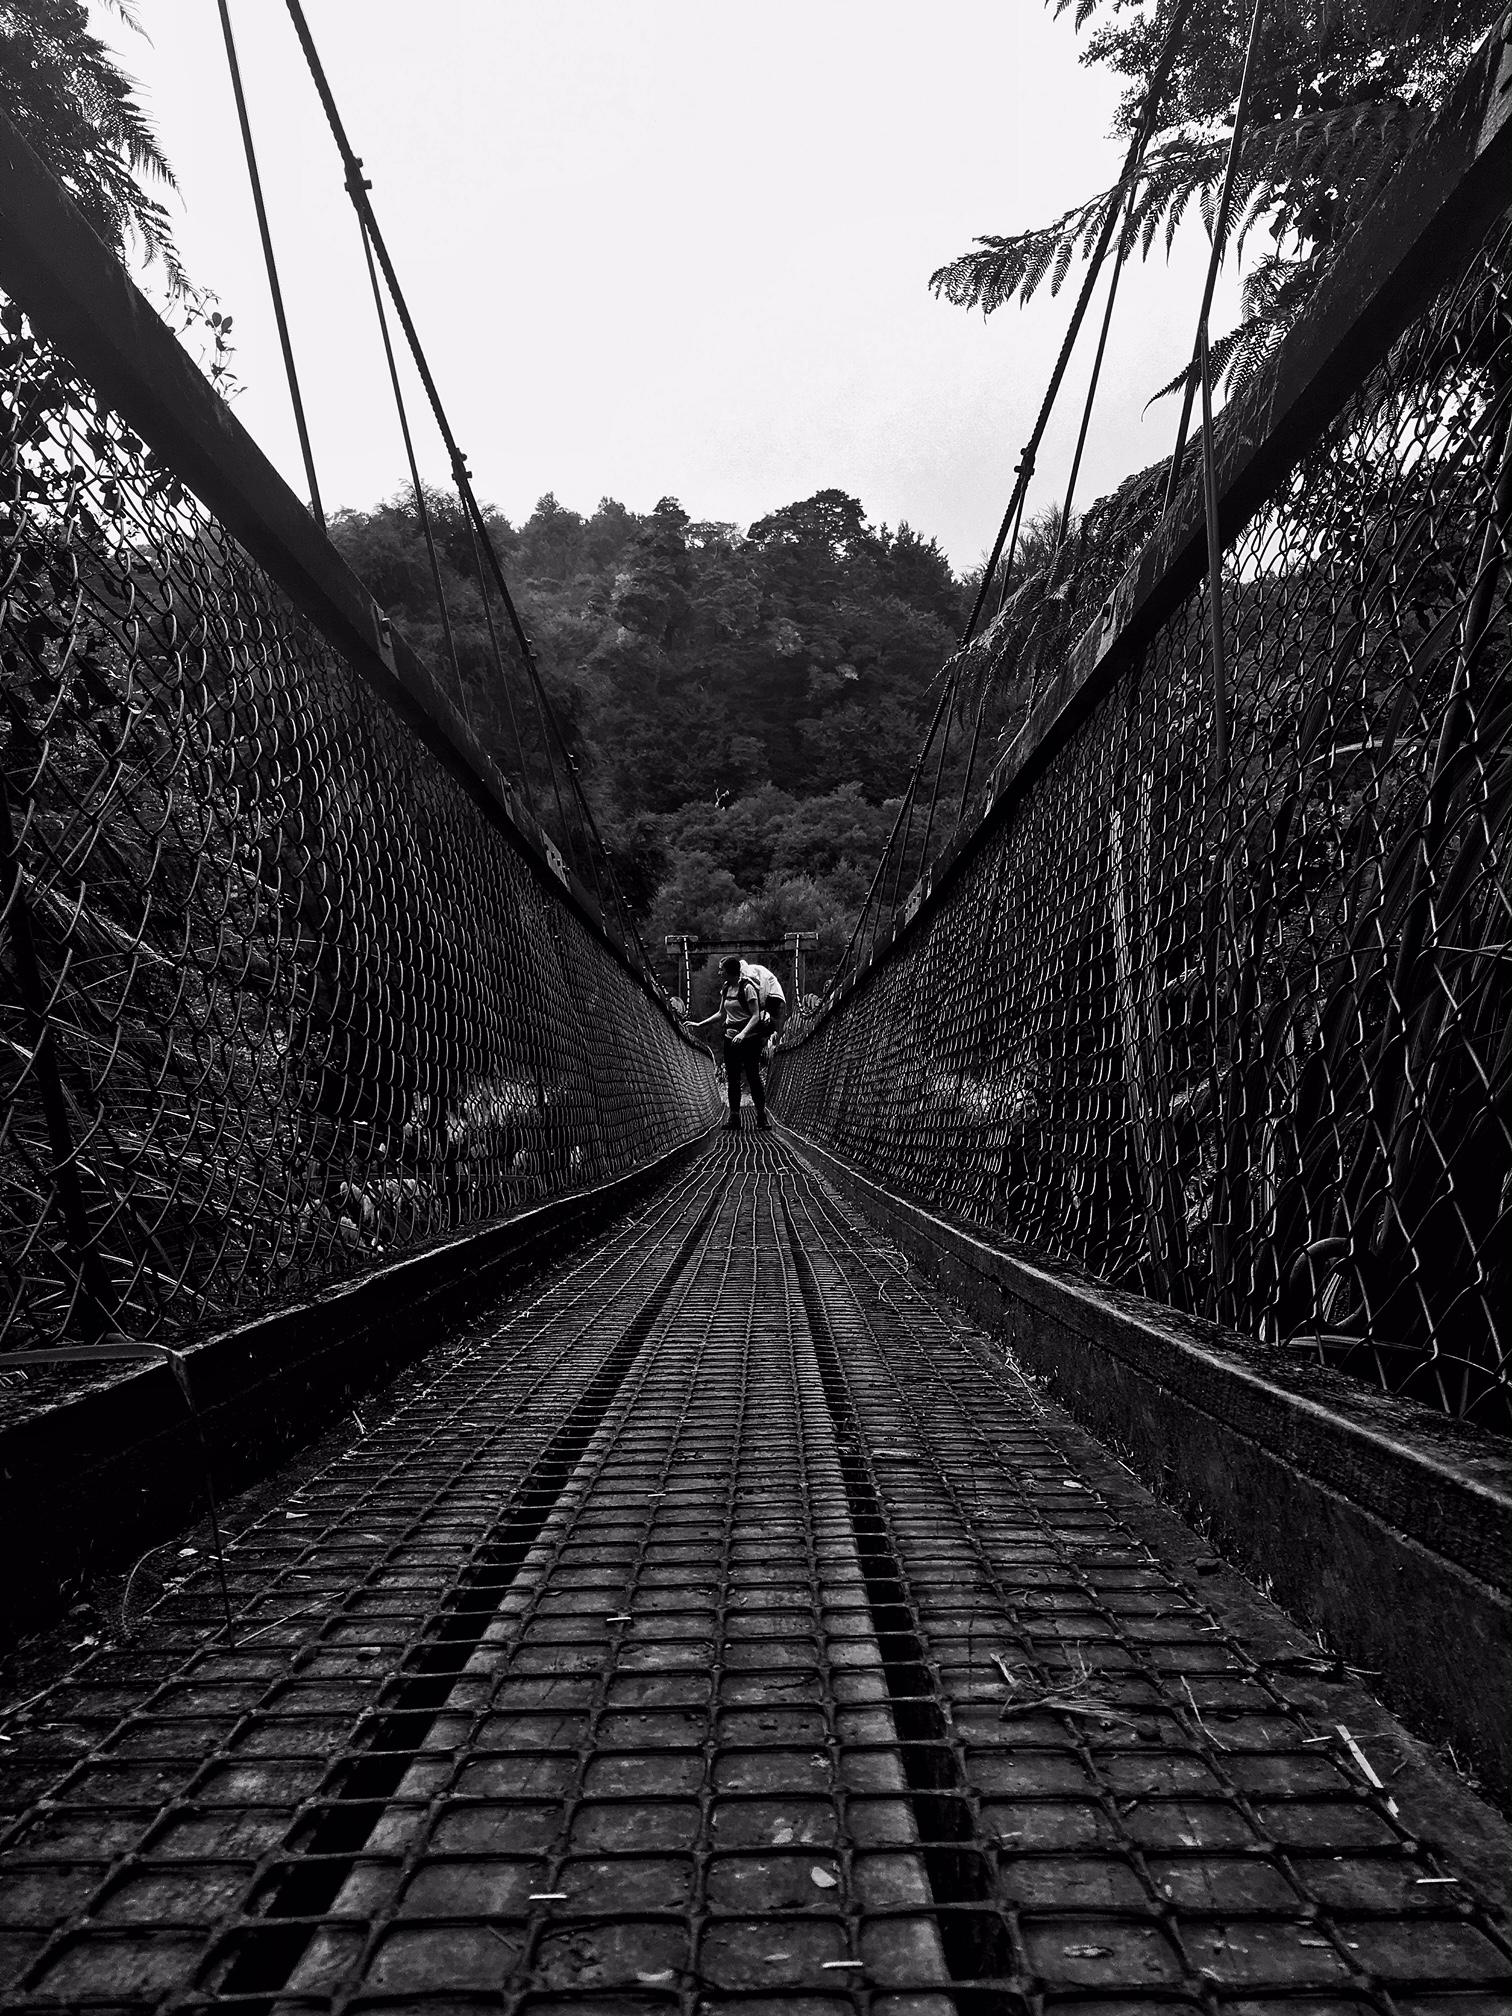 // Lauren crossing the bridge